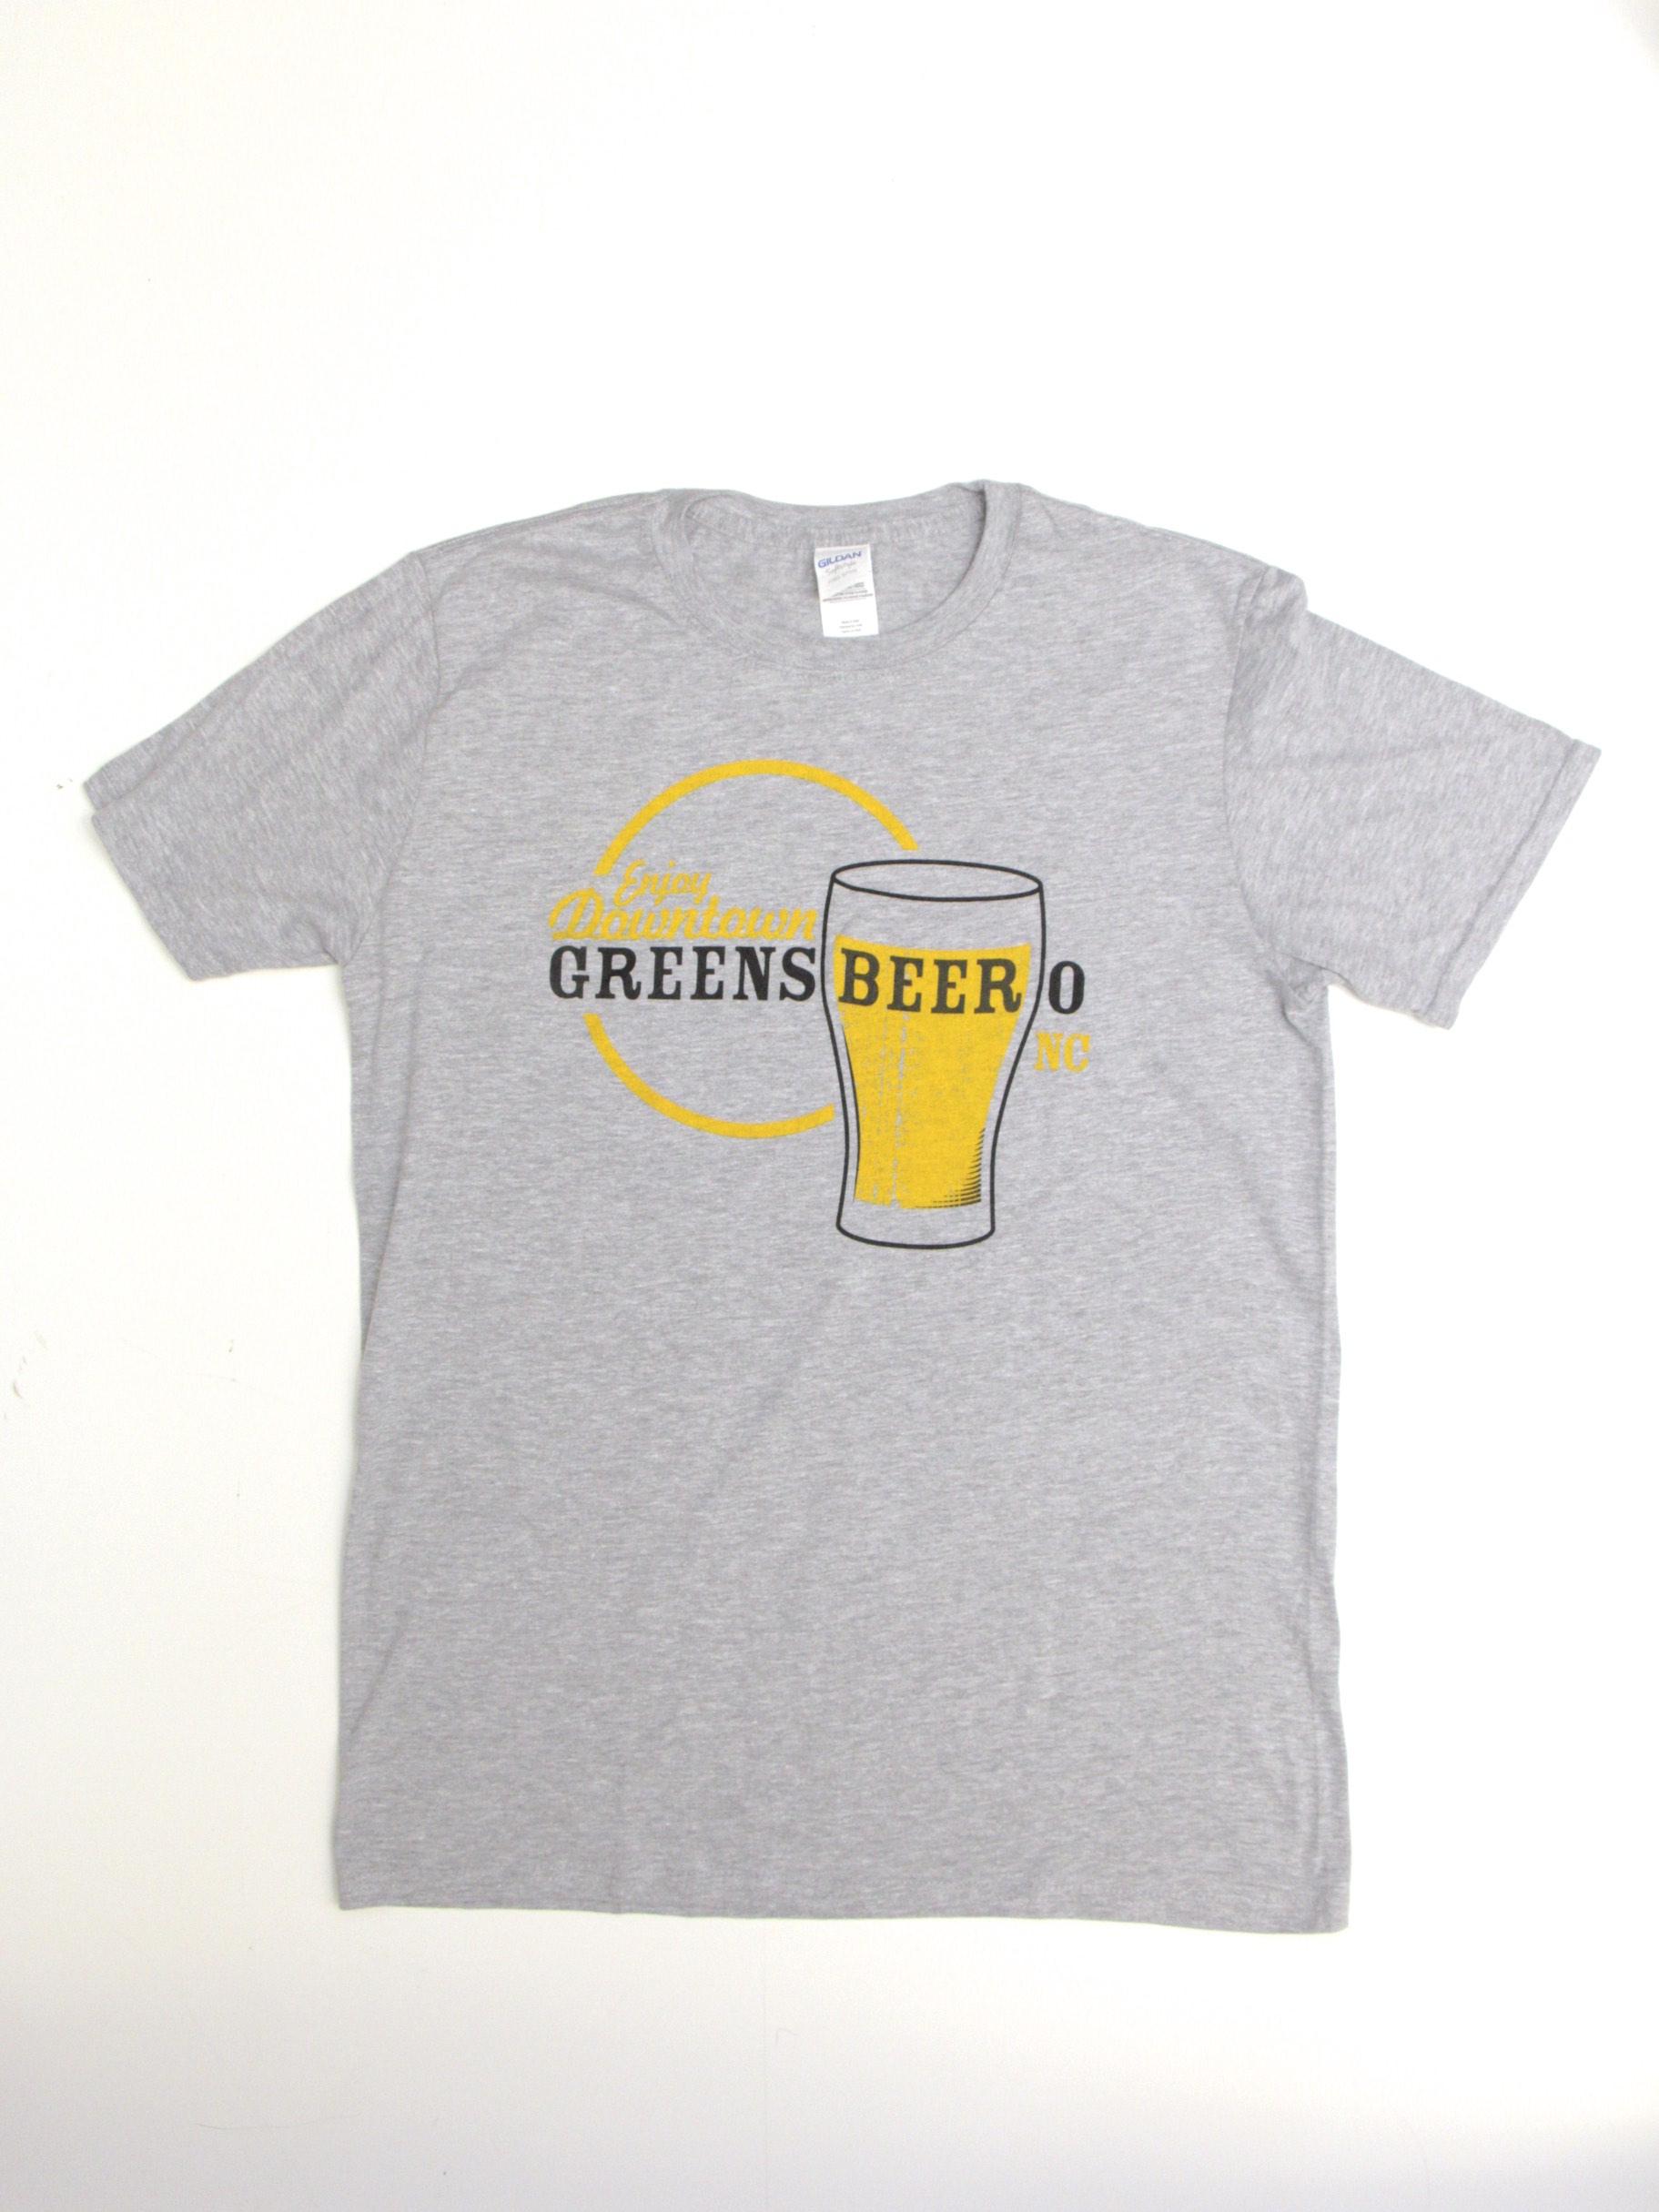 Greensbeero Tee Shirt Design Archives Emporium